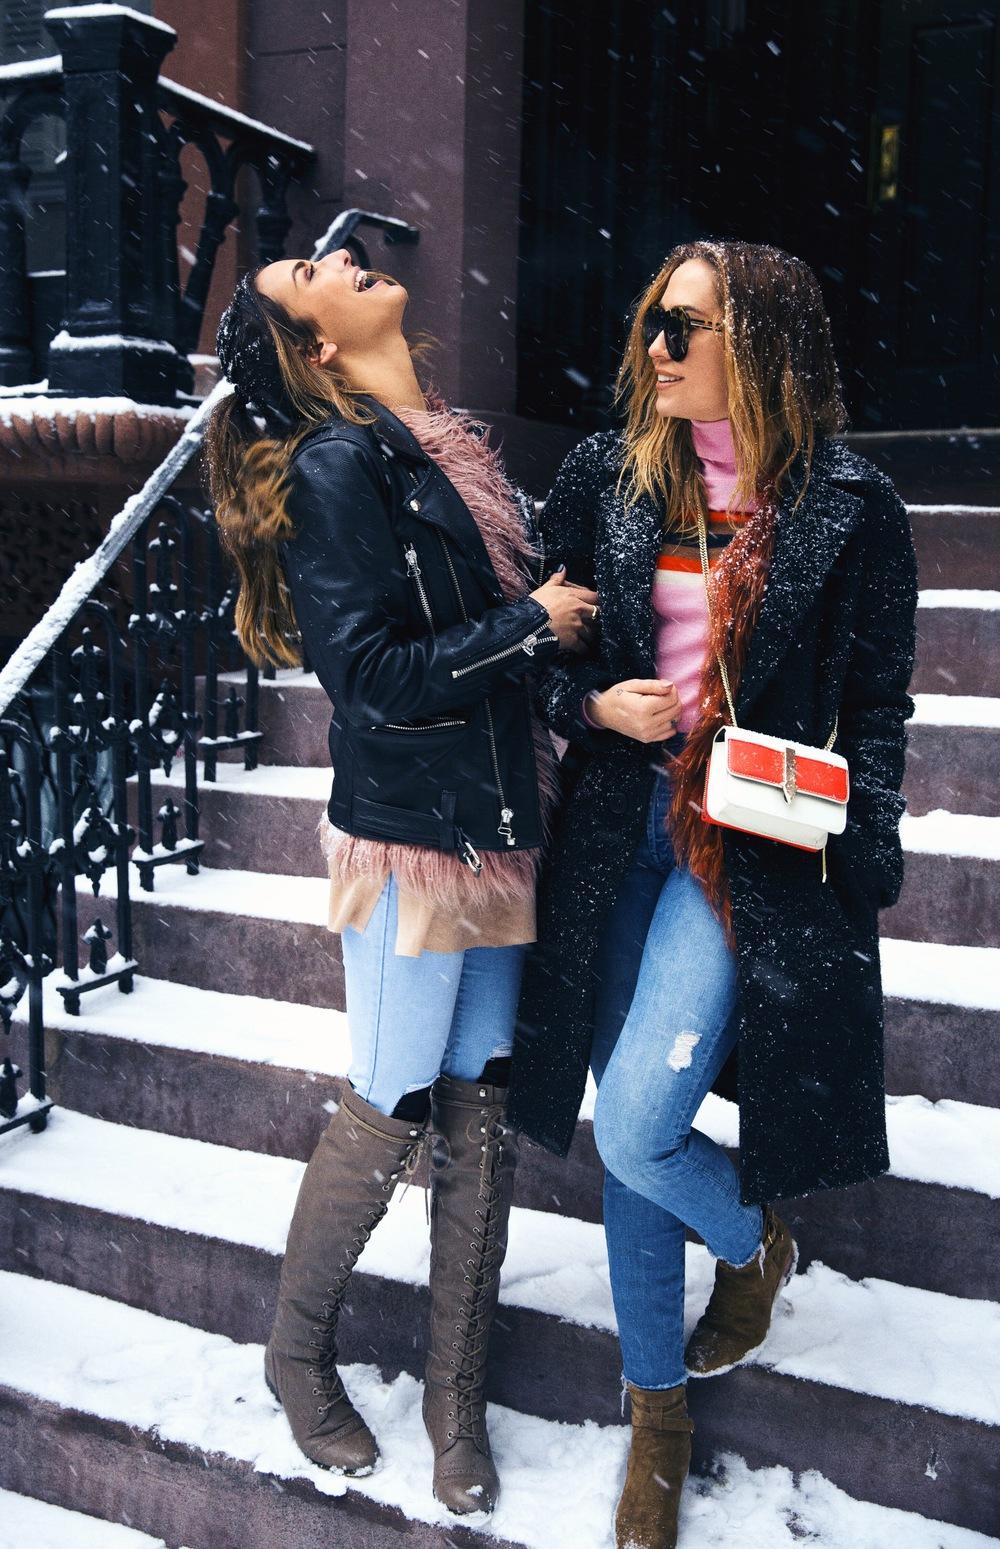 Top - Orla Kiely | Jeans - Mother Denim | Coat + Boots - Saint Laurent | Bag + Sunnies - Karen Walker photos by IVAN CLOW